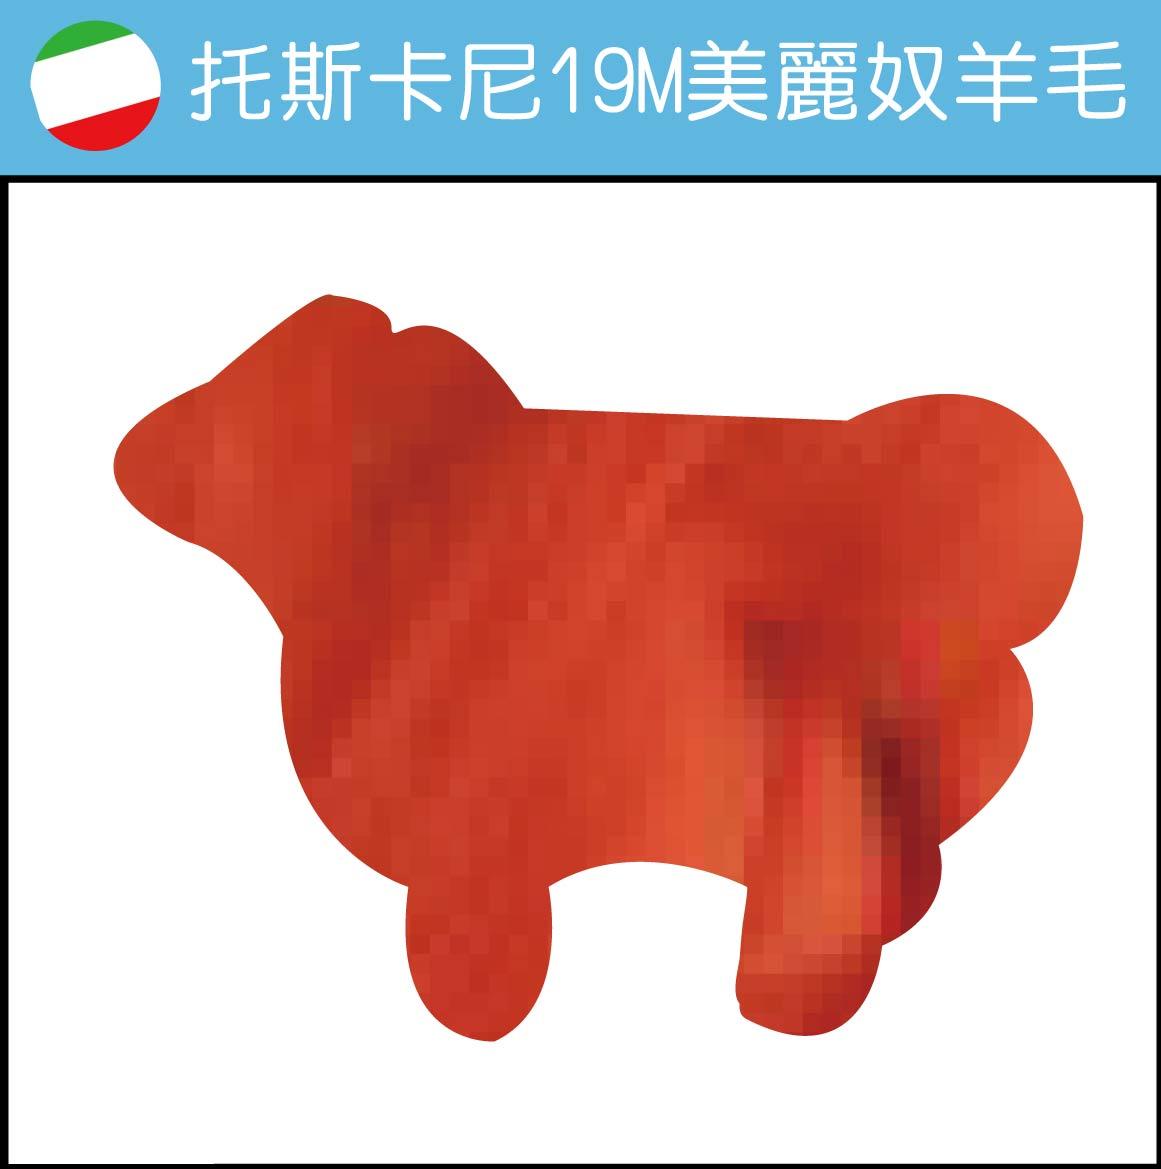 義大利托斯卡尼-19M美麗奴羊毛 DM211澄